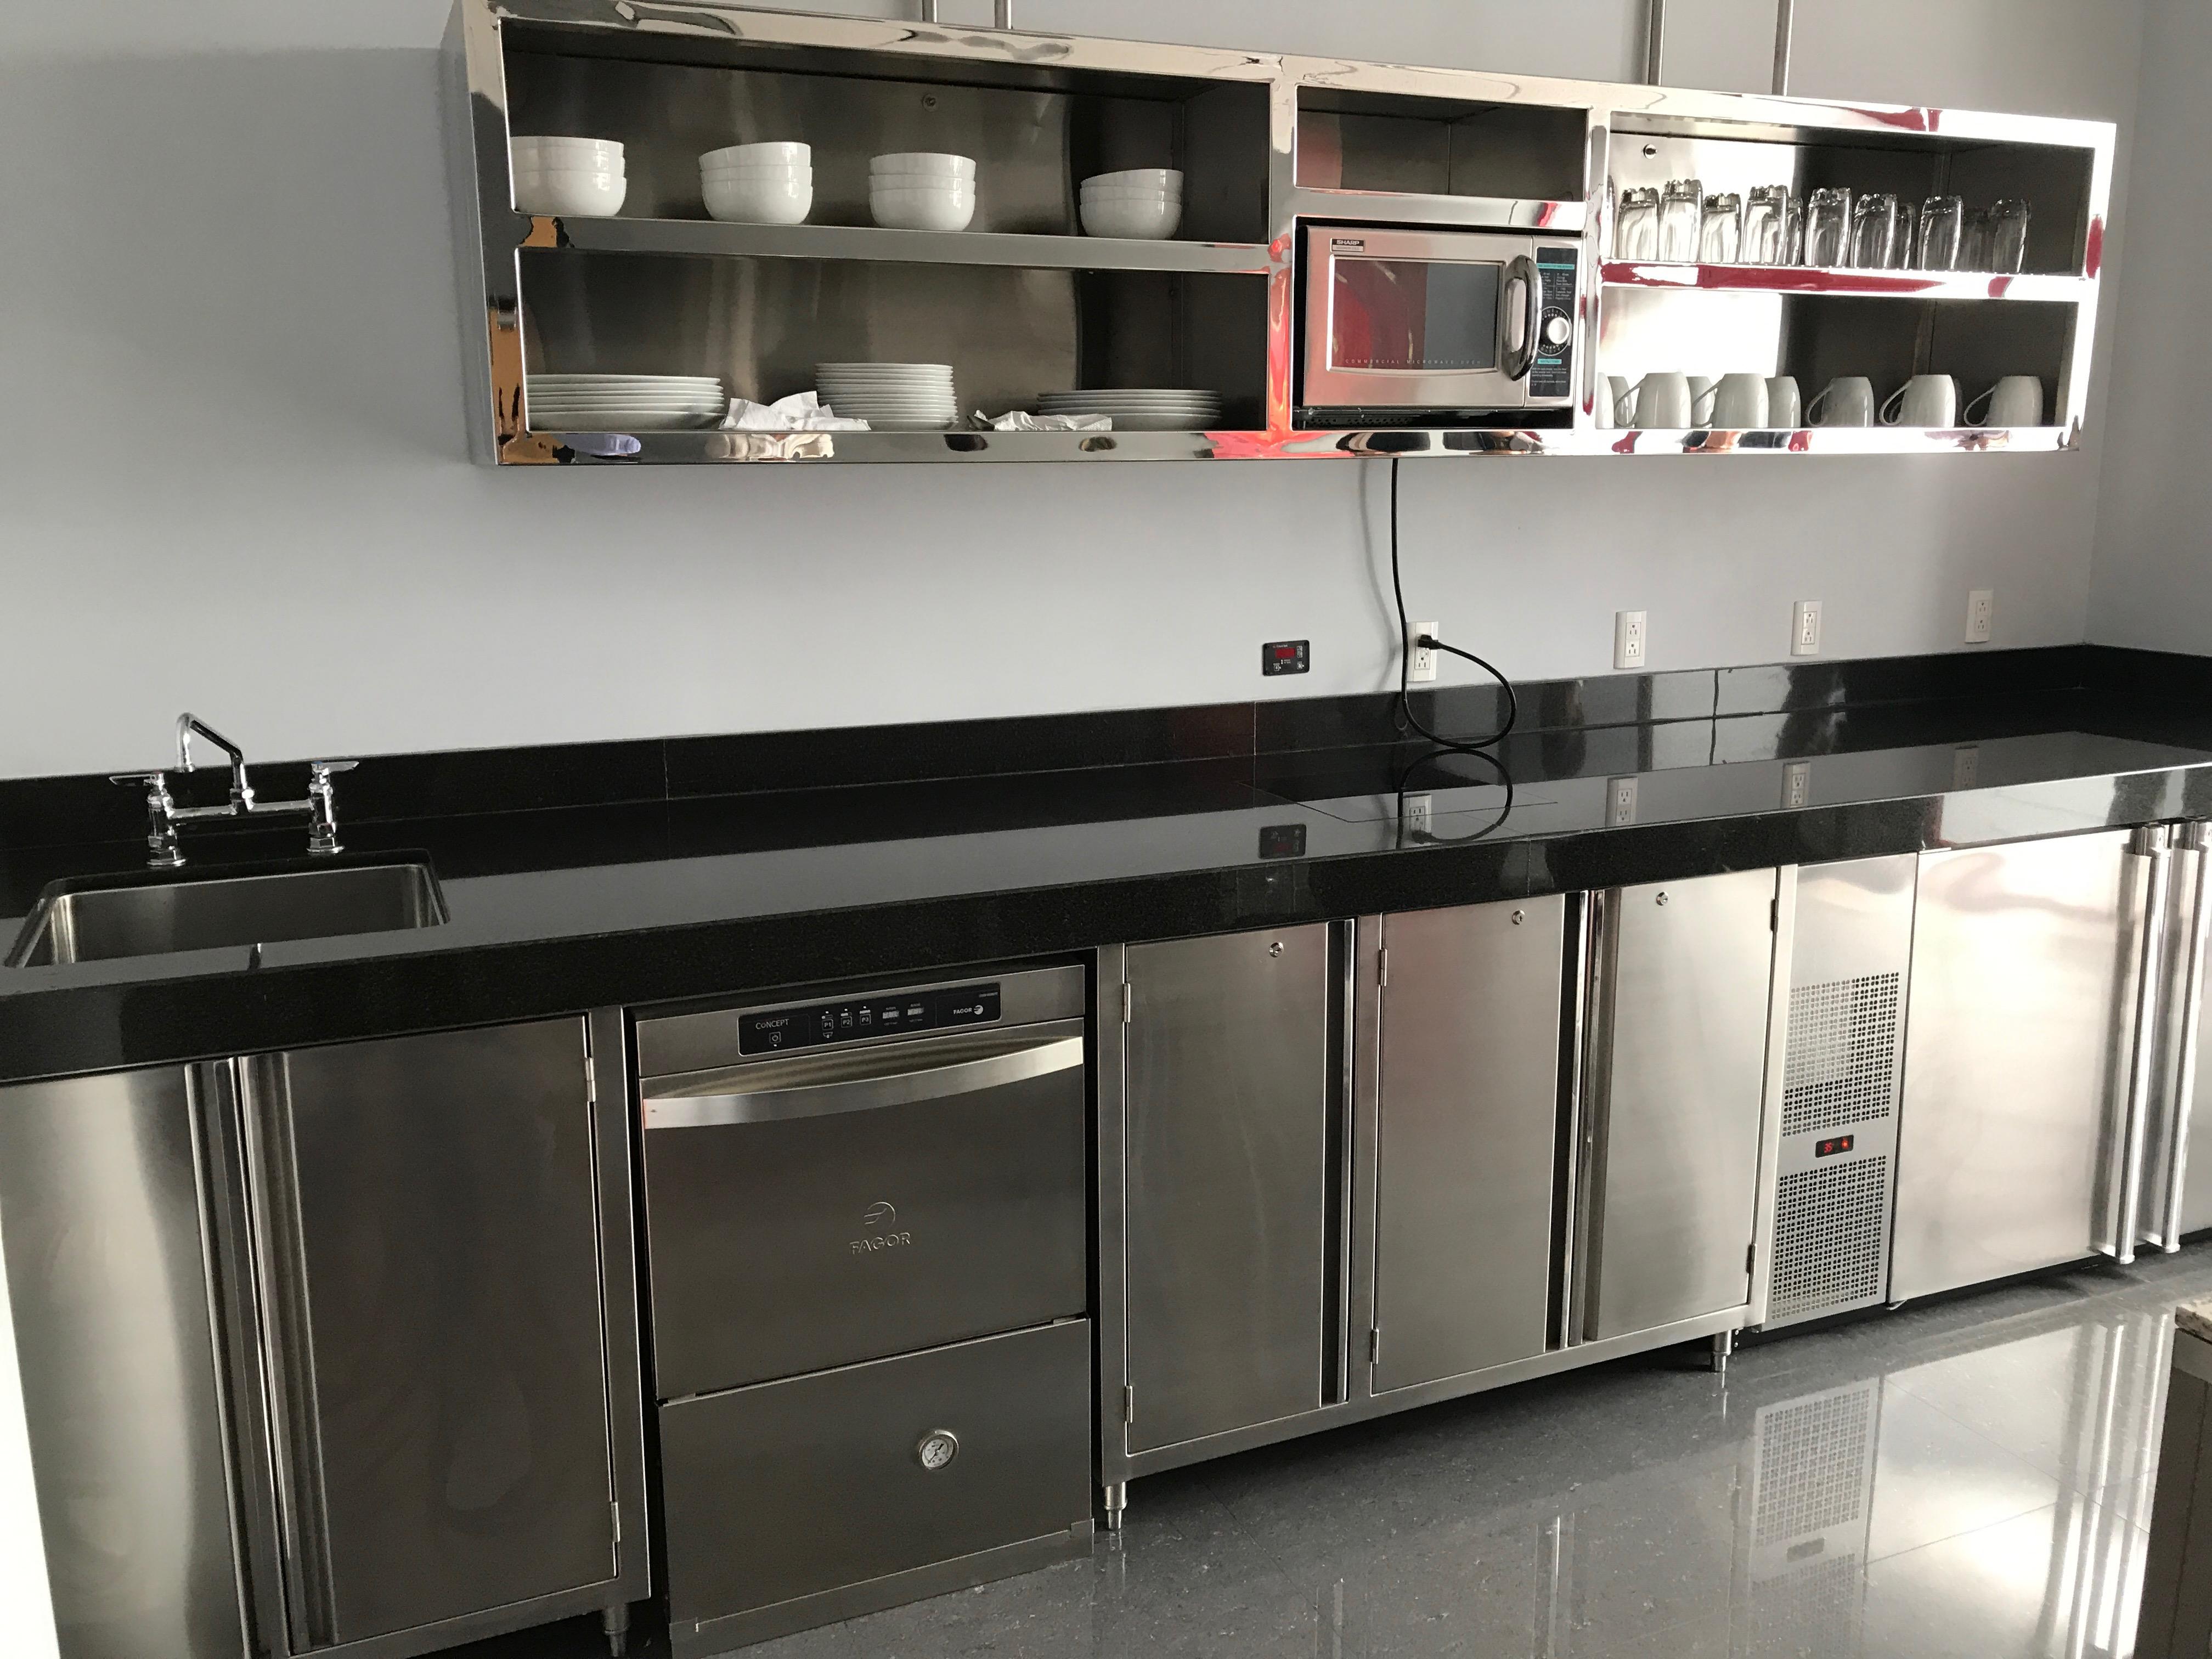 Cocinas industriales equipamiento y muebles de acero for Cocinas industriales en acero inoxidable